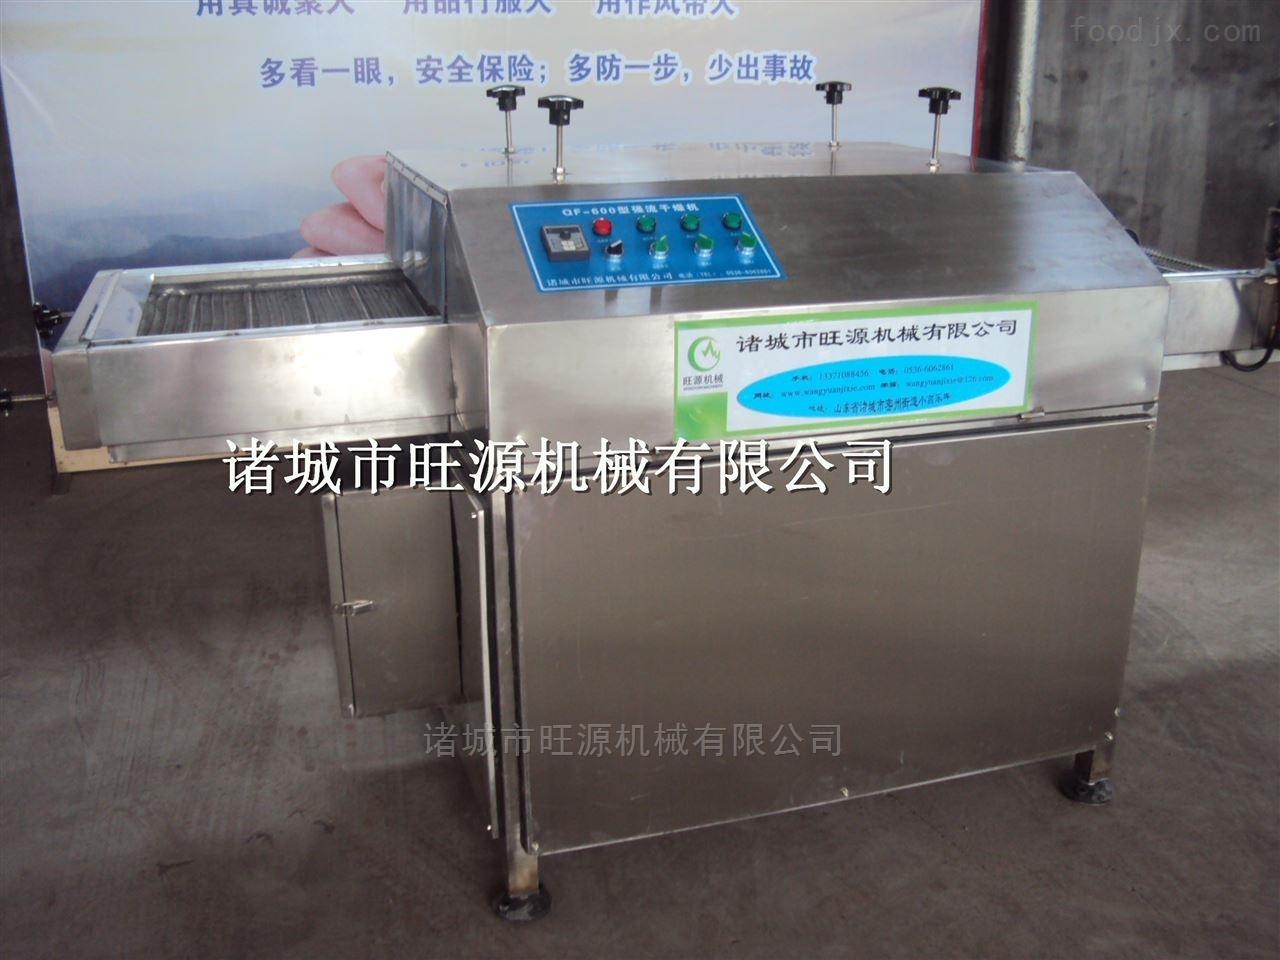 供应旺源牌高质量强流蔬菜风干机